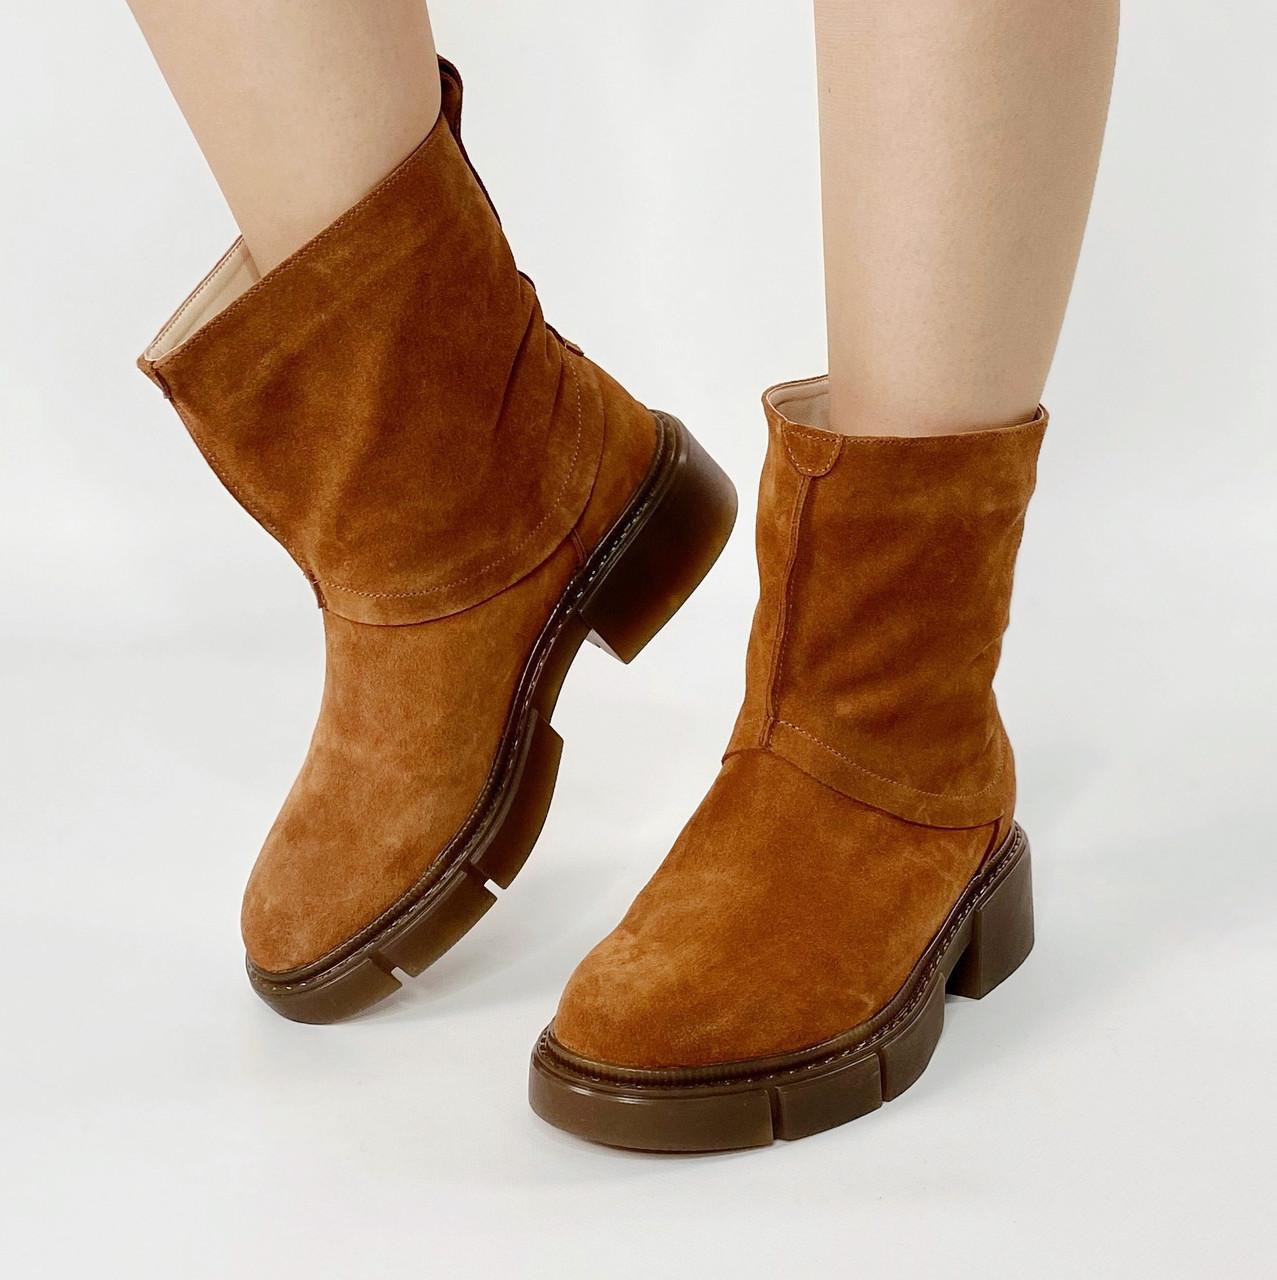 Ботинки стильные женские замшевые рыжие без застежки MORENTO зимние